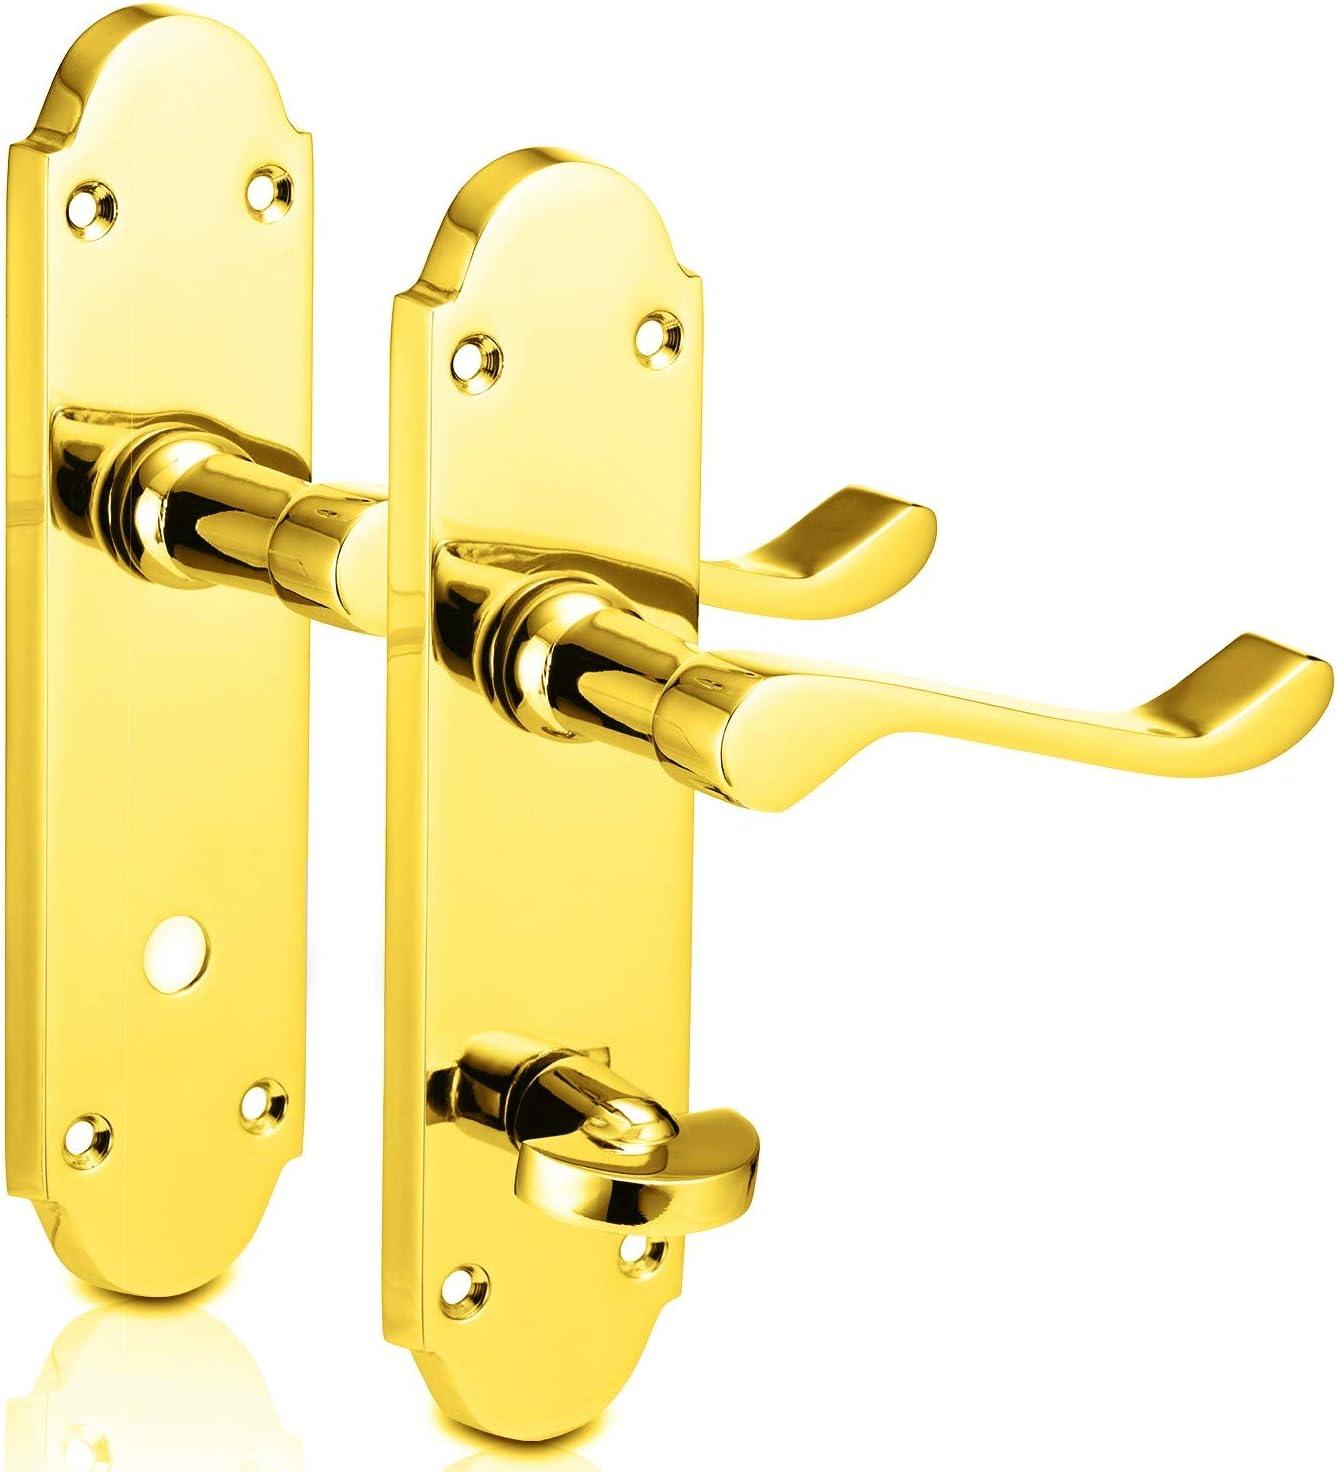 XFORT® - Manillas de puerta de baño de latón pulido con placa trasera de 8 pulgadas, manijas de puerta internas, manijas de puerta interiores, manijas de puerta interiores, 1 par